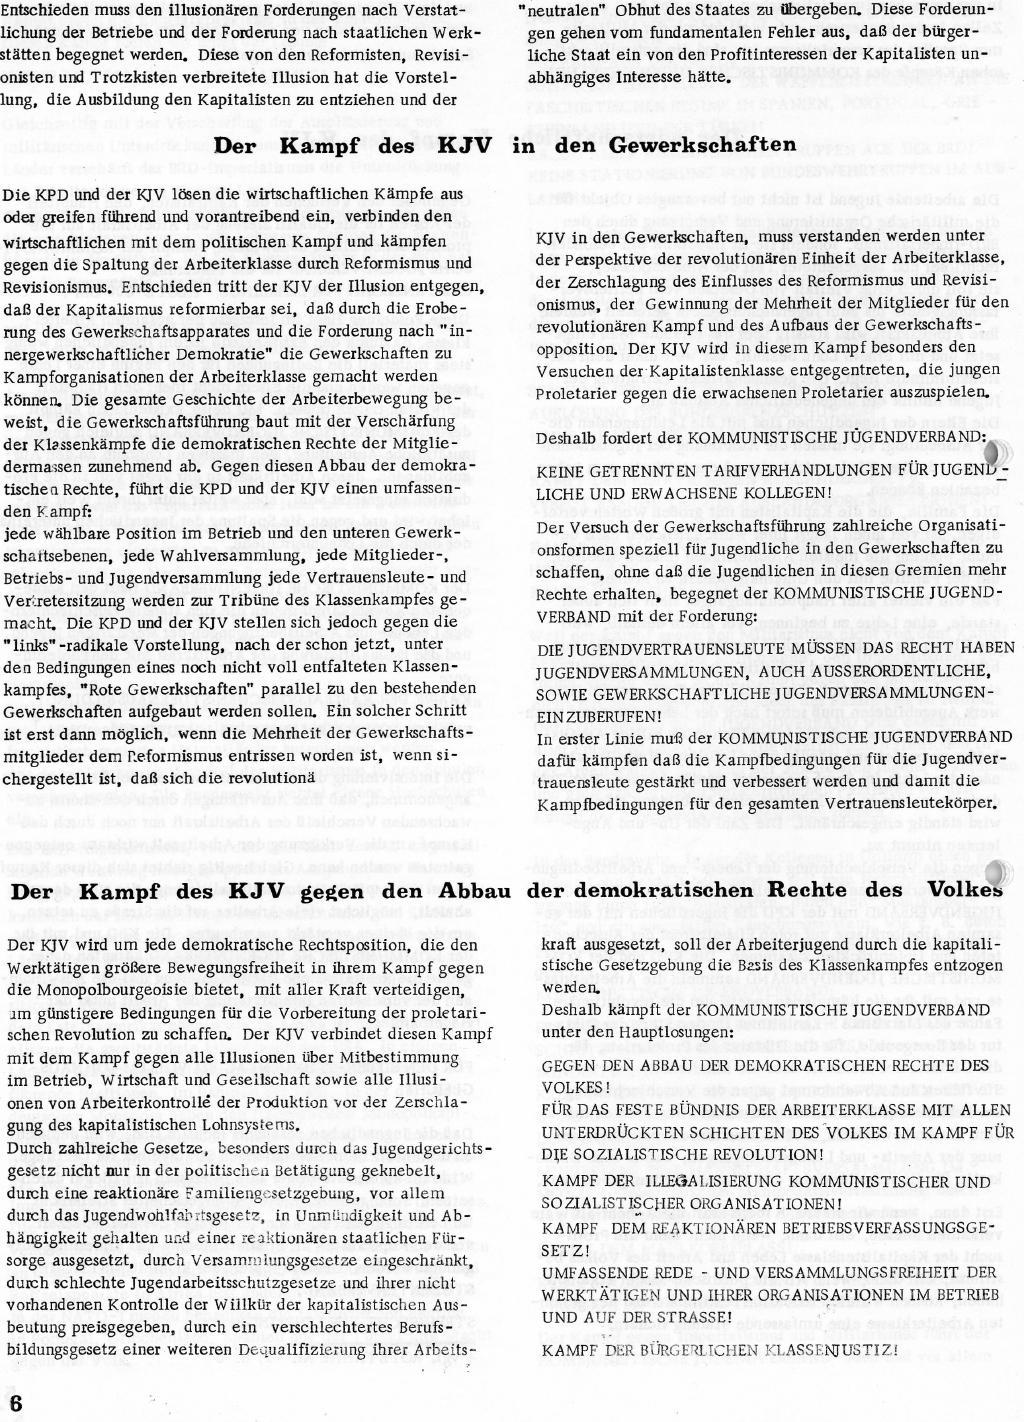 RPK_1972_184_185_06